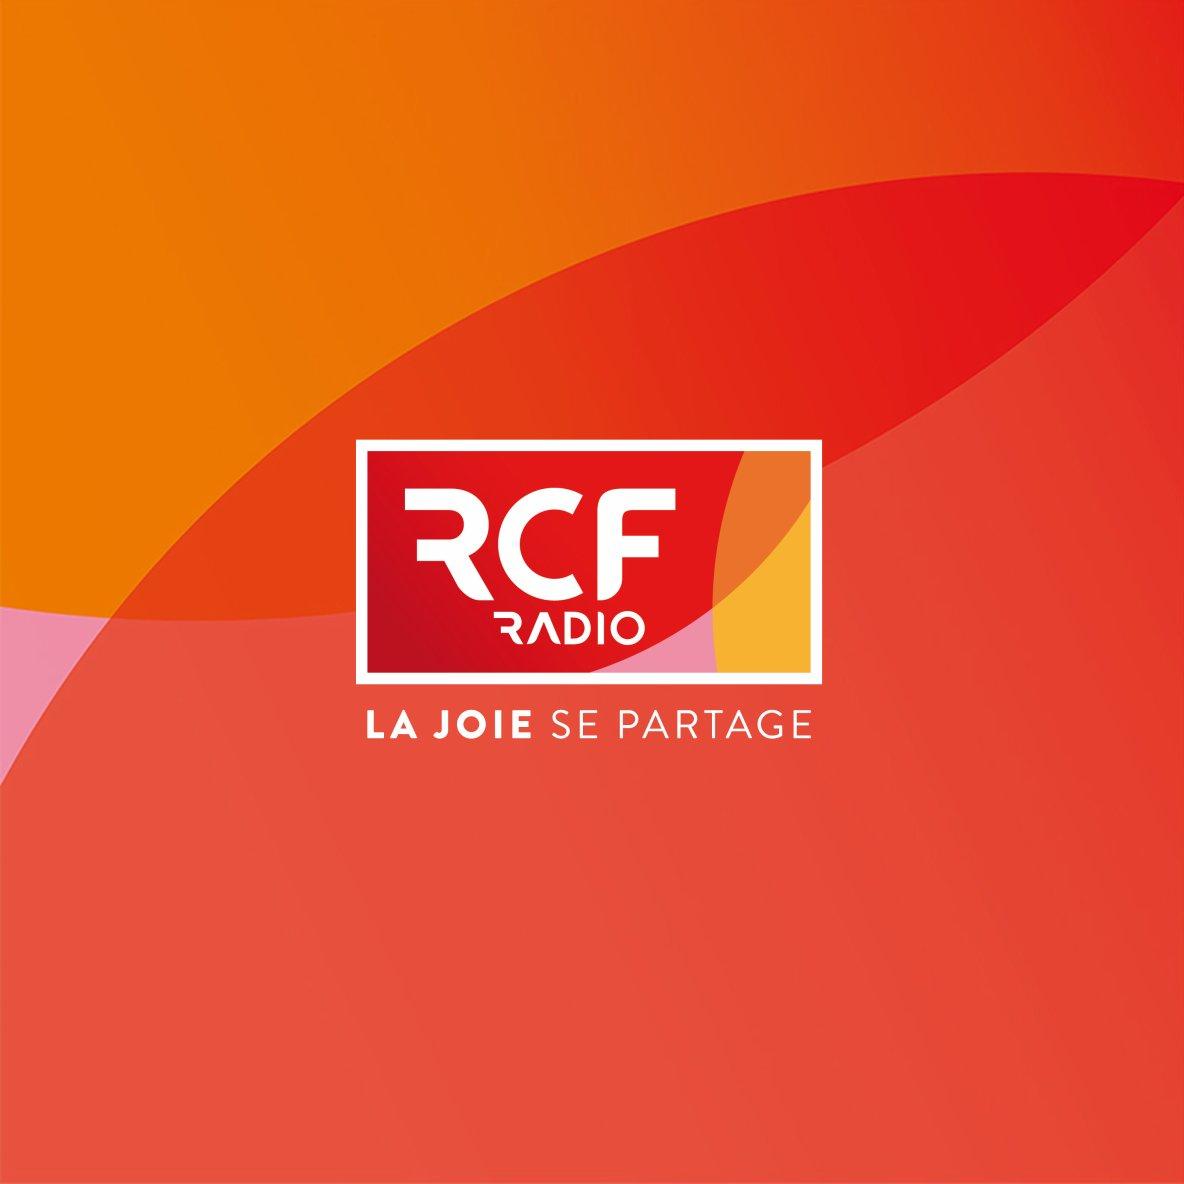 Journ�e sp�ciale avec les PCCB sur RCF